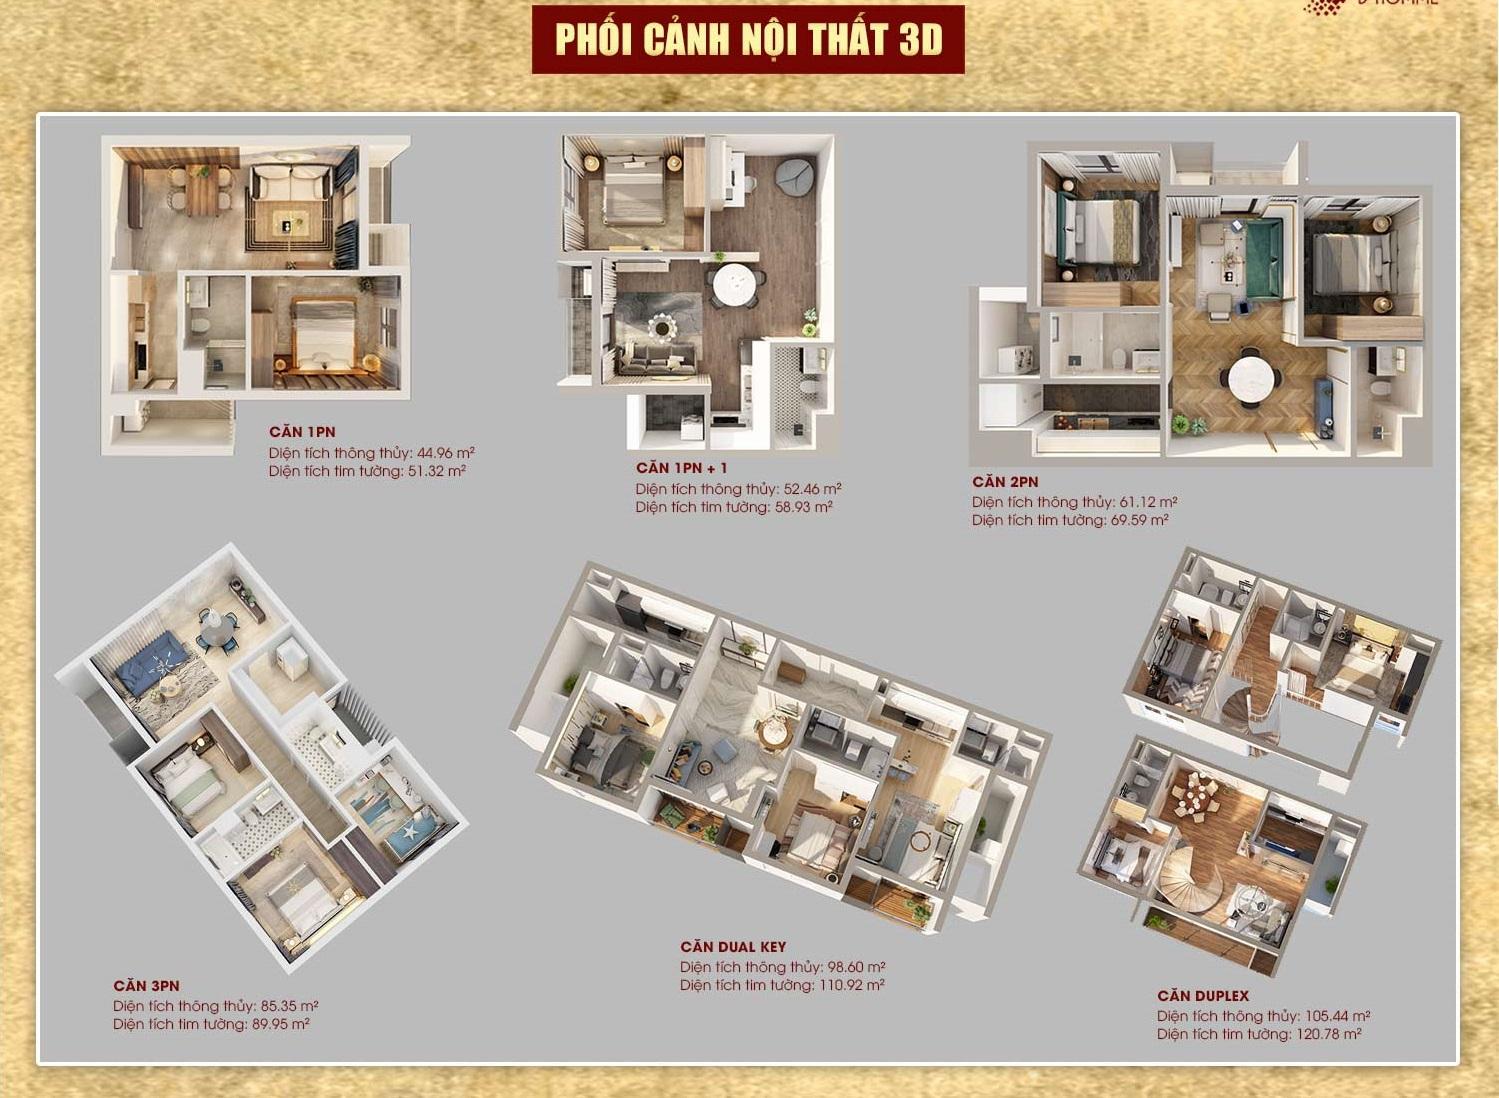 thiết kế căn hộ dhomme